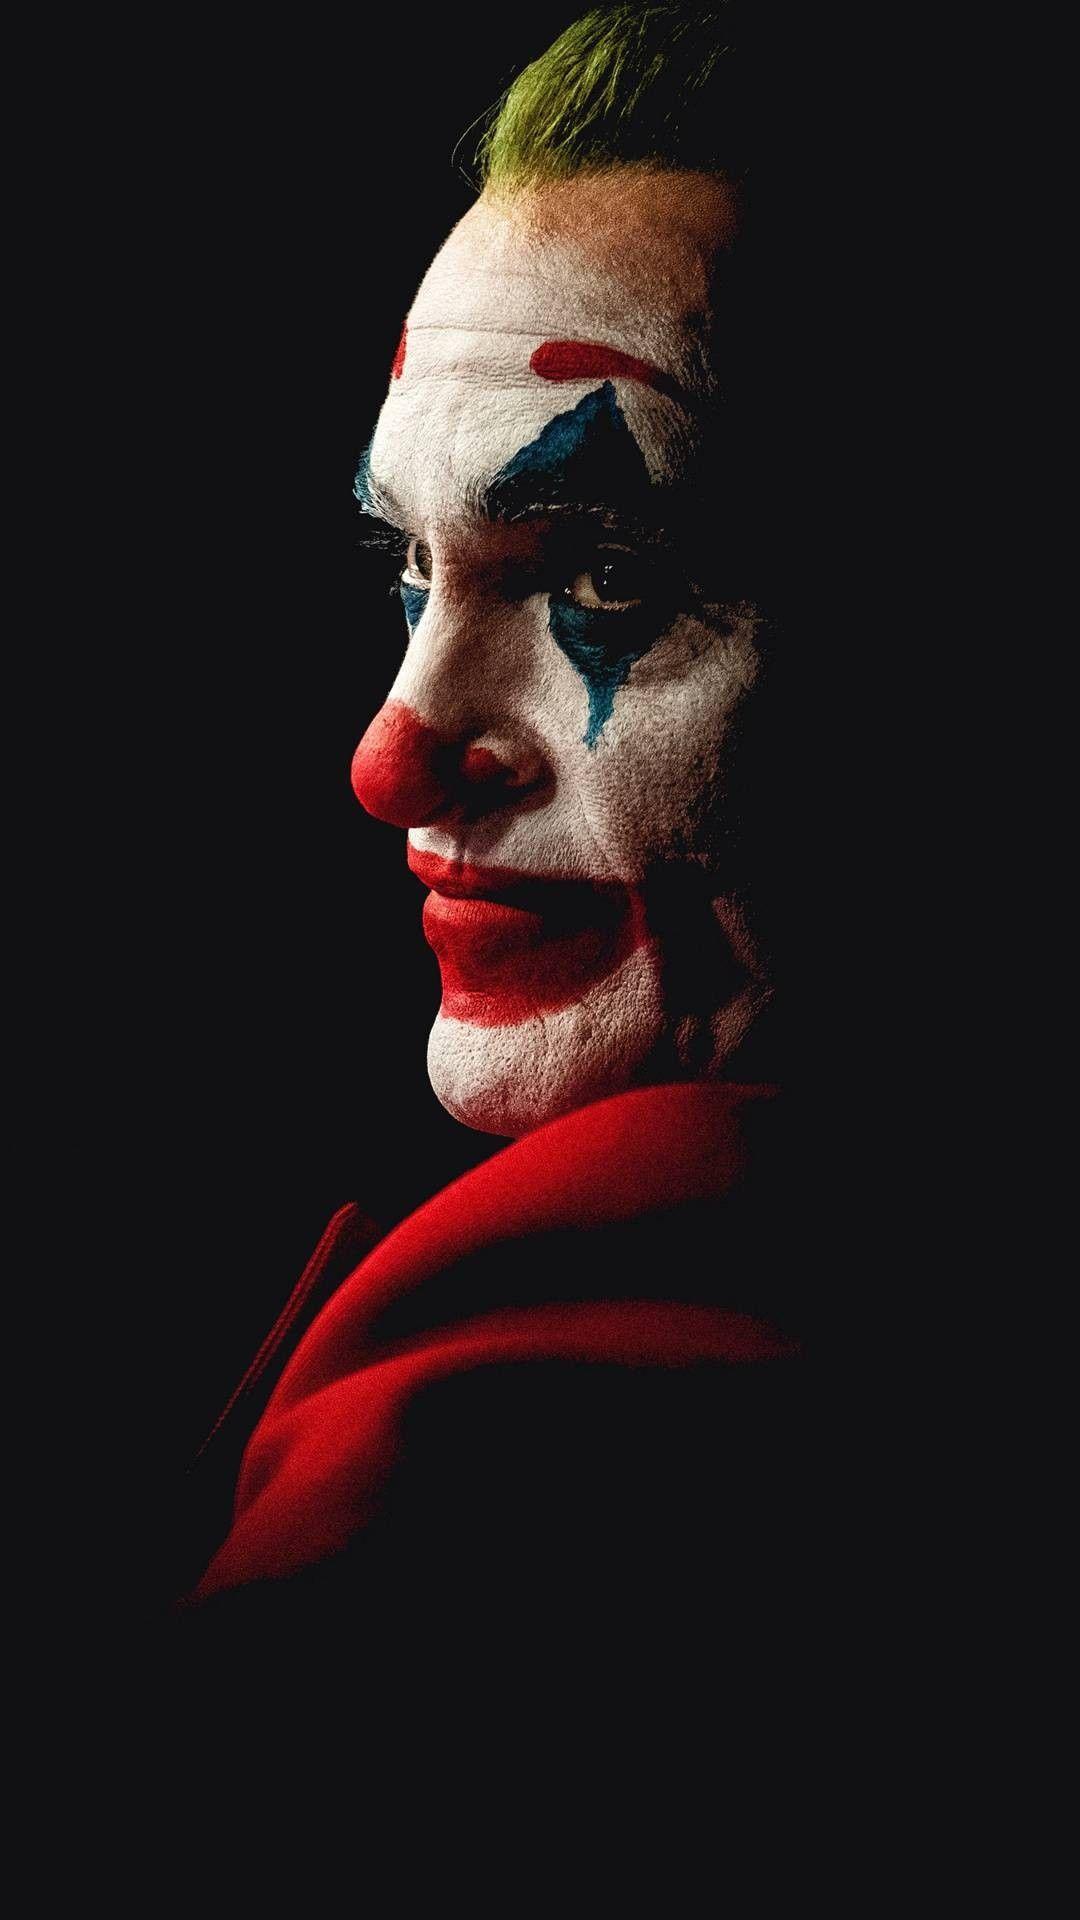 Joker Image By Jade Melissa Joker Wallpapers Joker Hd